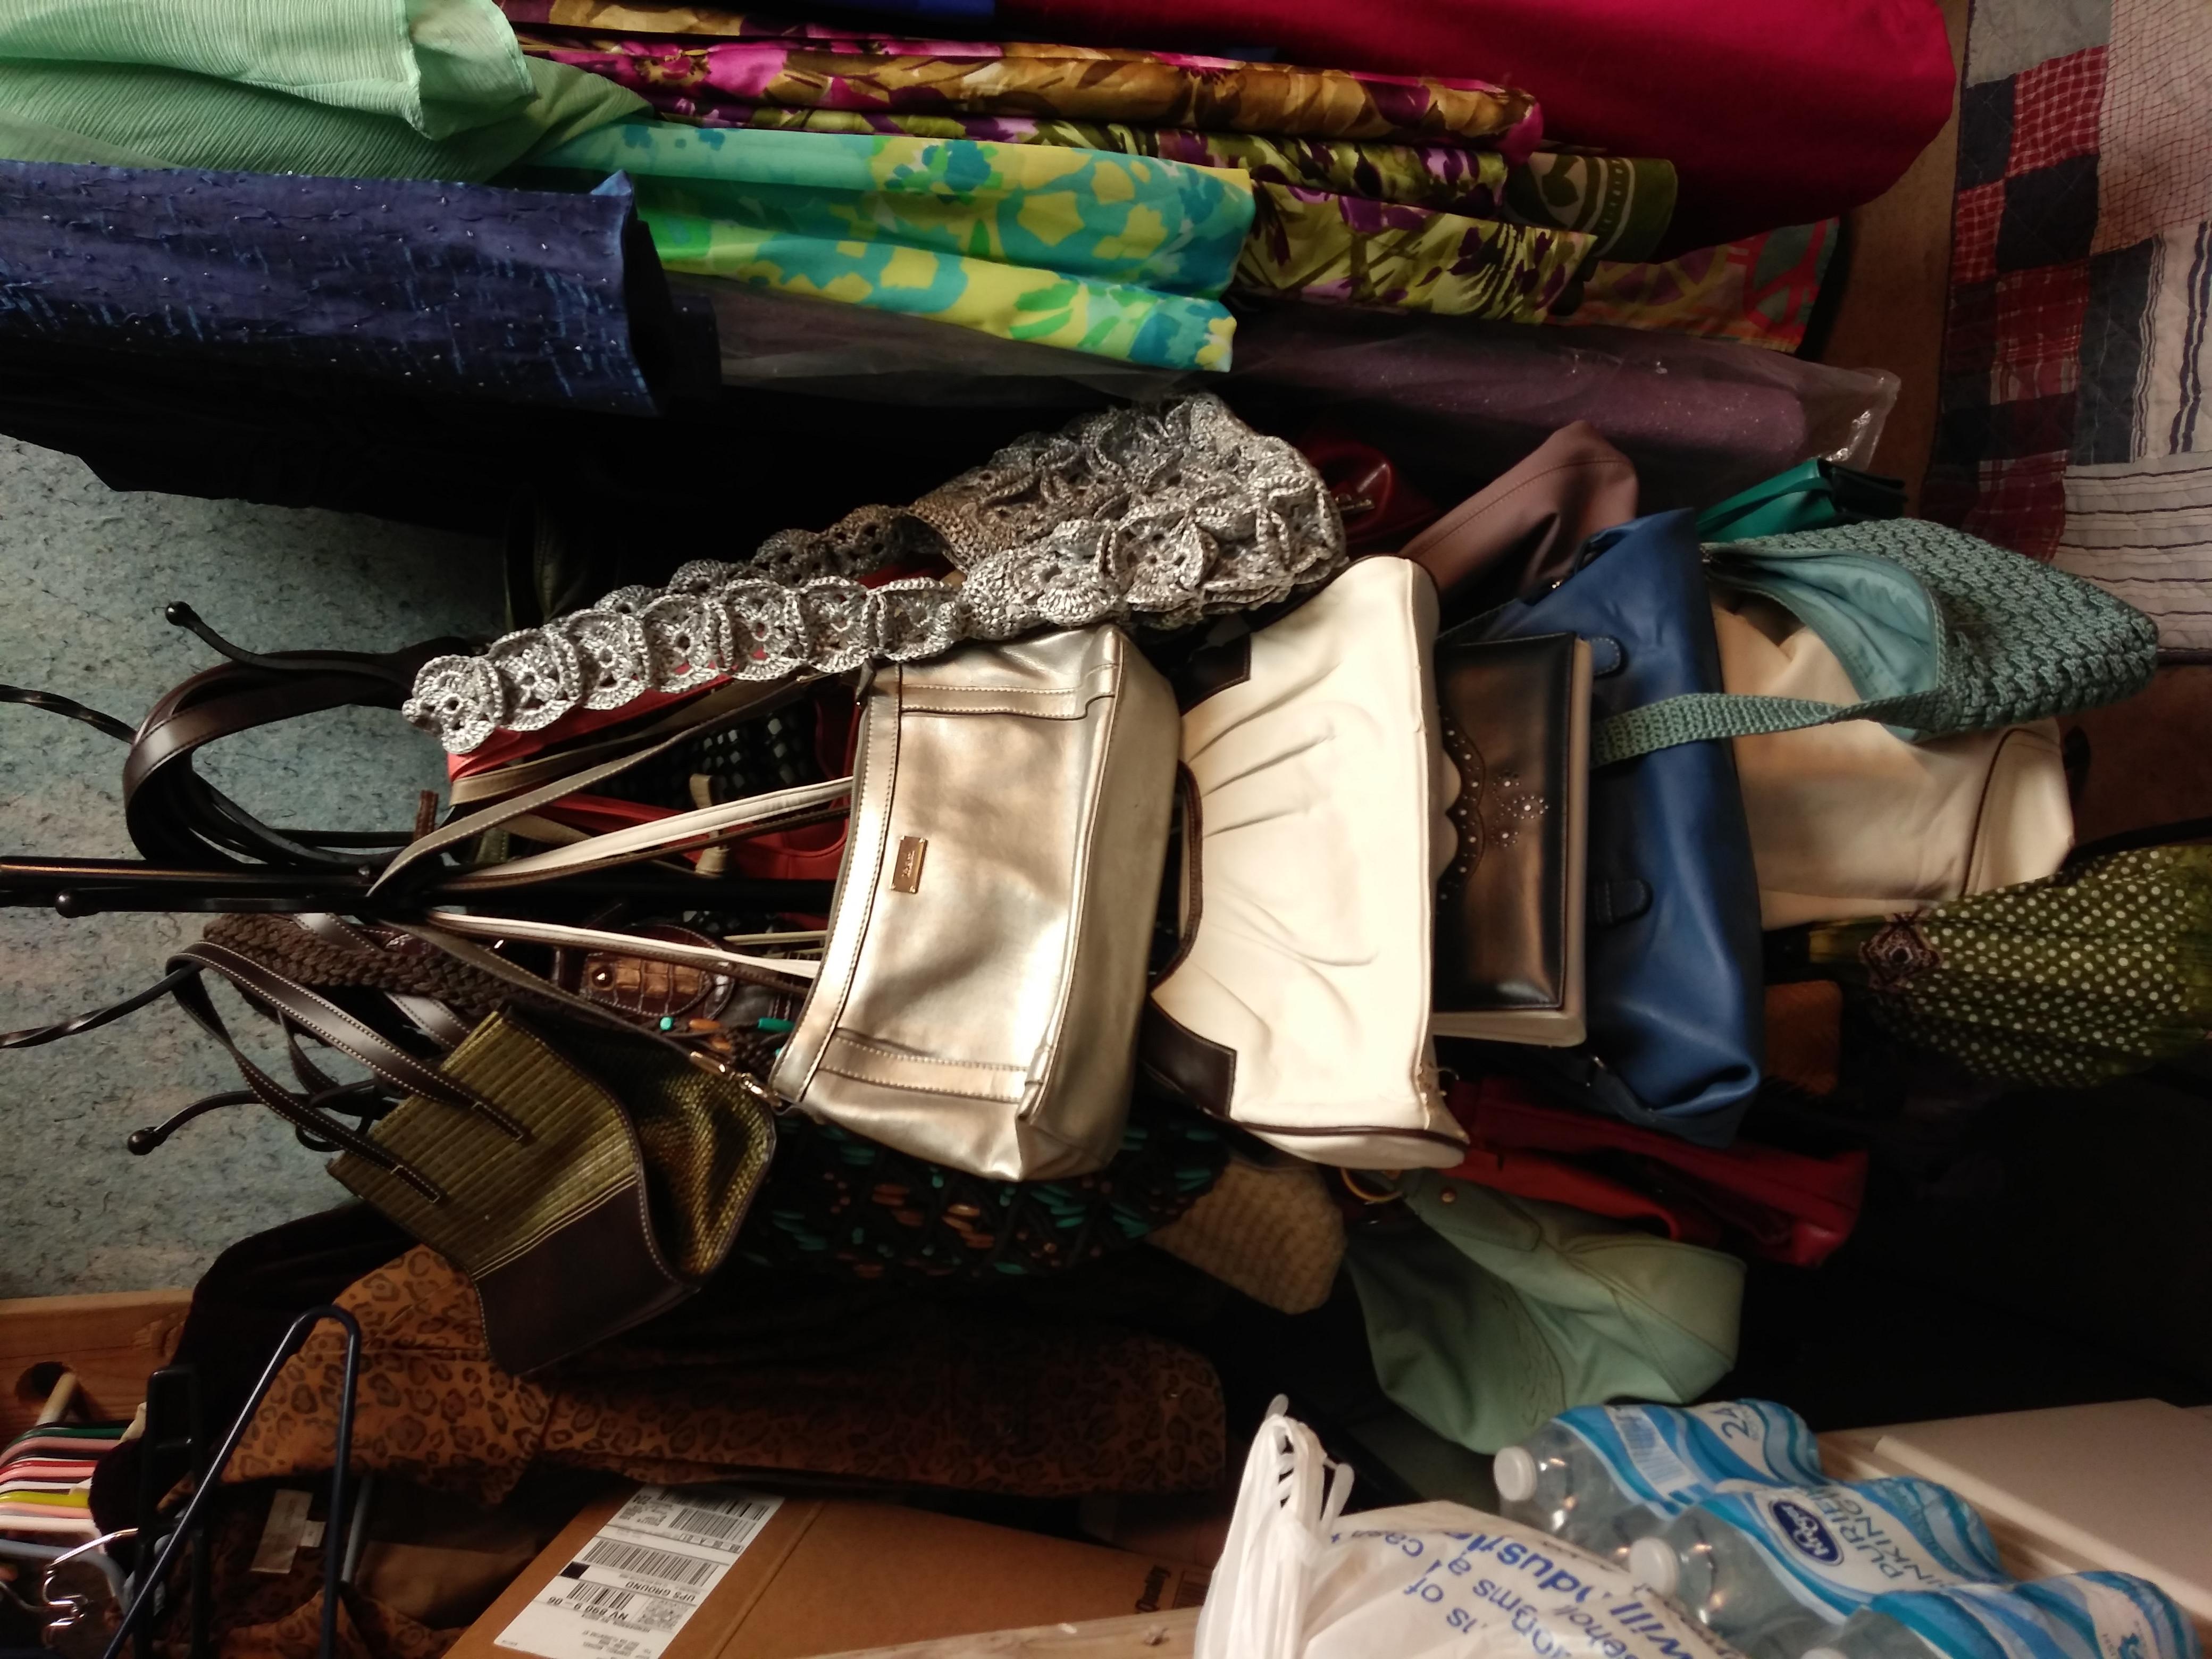 Yard Sale  $1.00 per piece Women's Clothes, shoes, purses